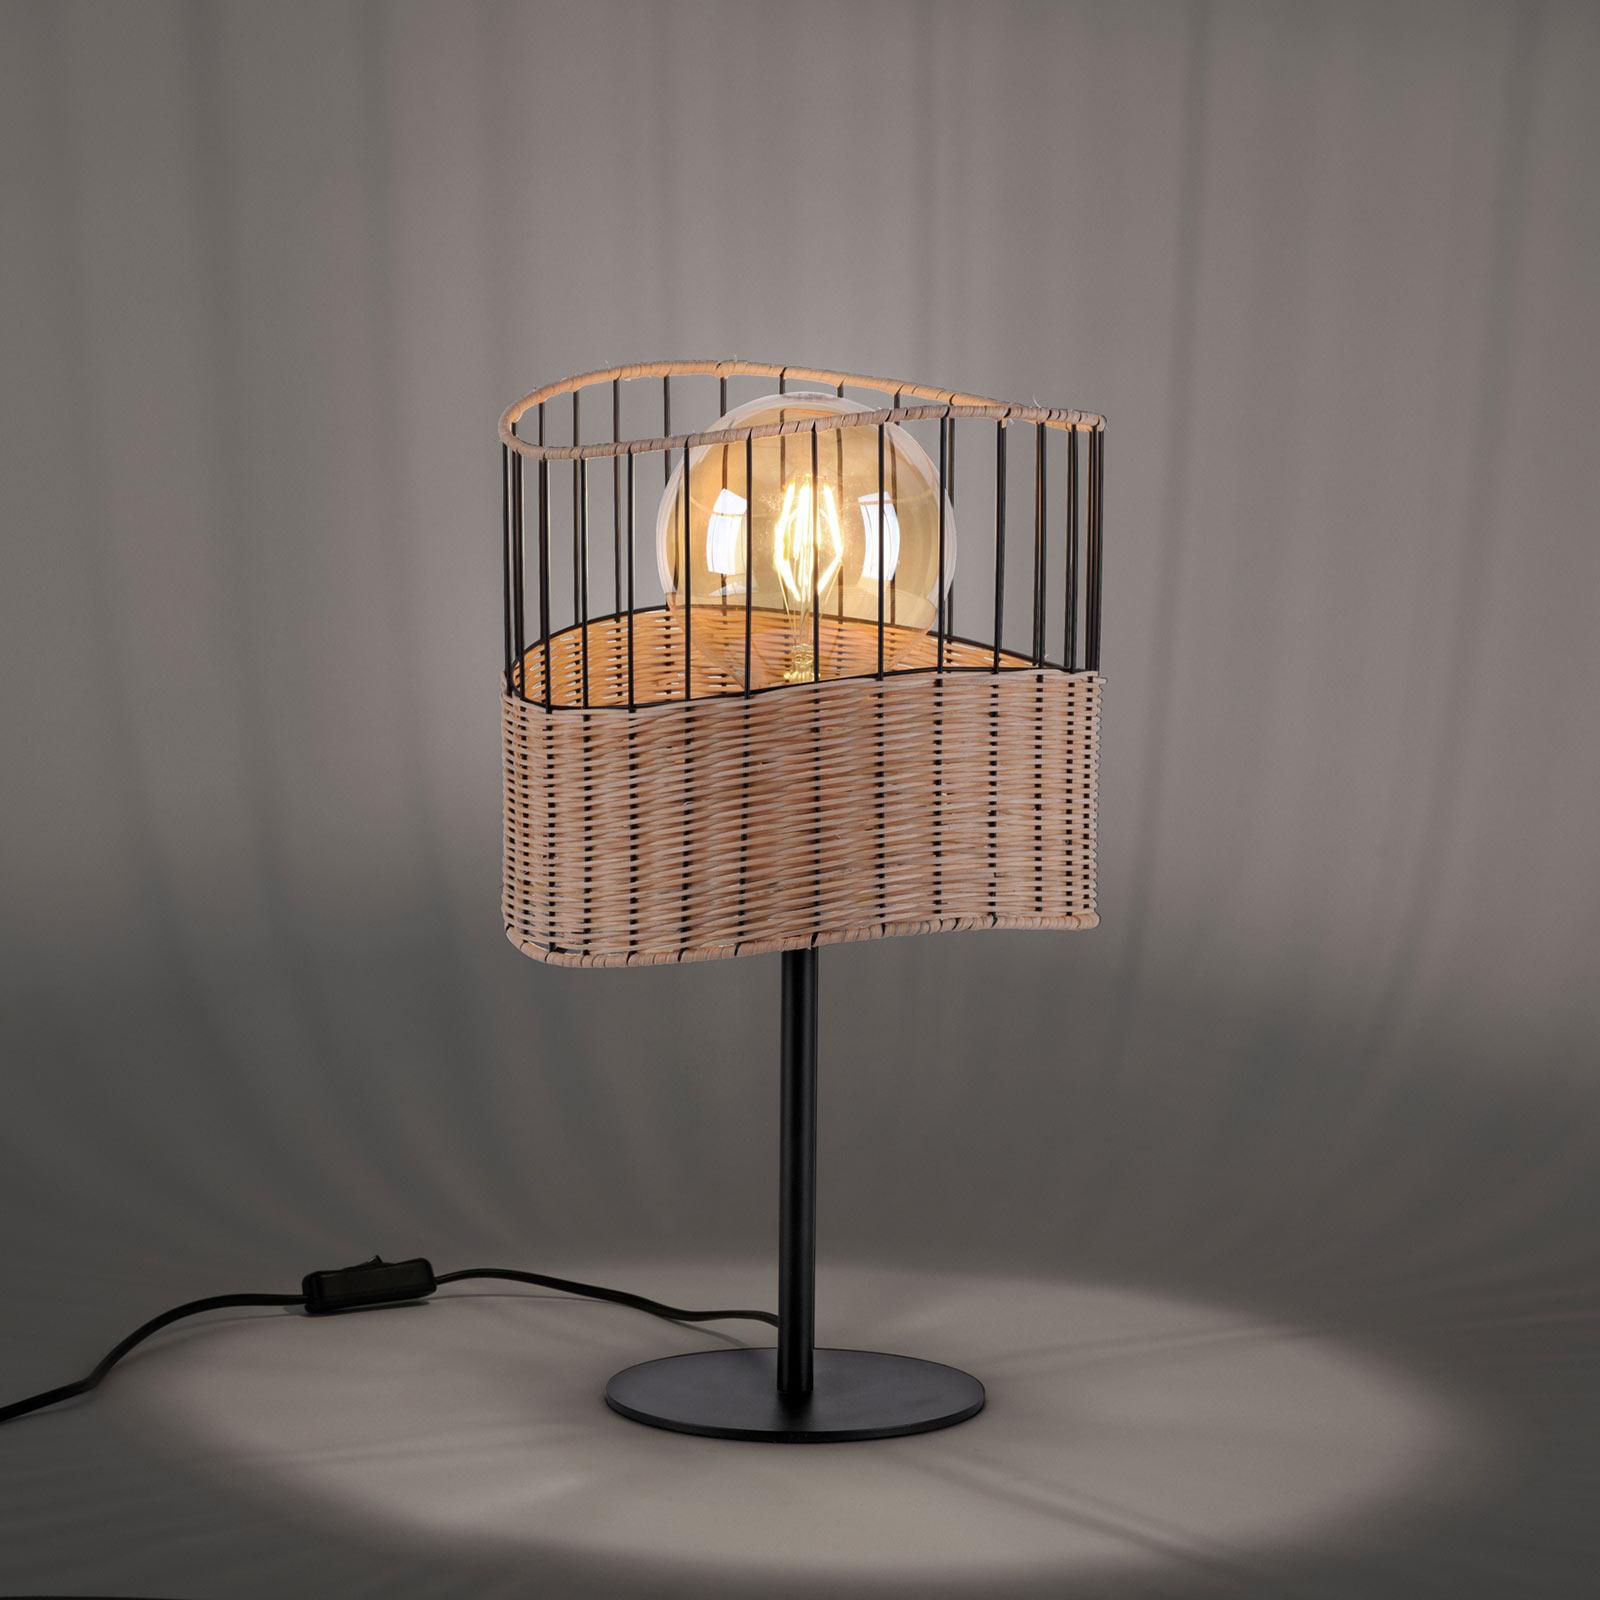 Lampa stołowa Reed z drewna i metalu